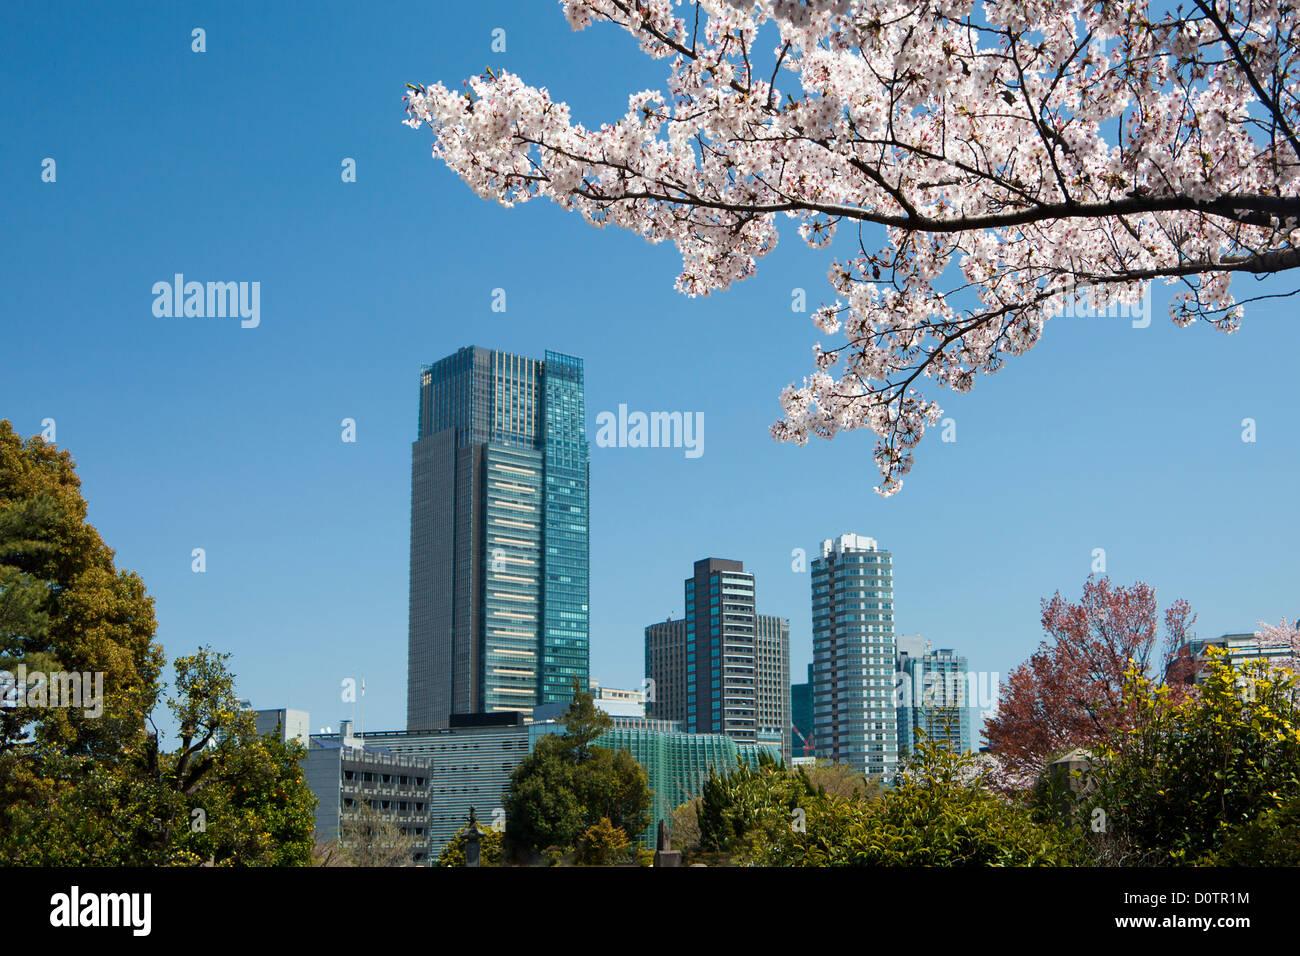 Giappone, Asia, vacanze, viaggi, Tokyo, Città, Tokyo, Skyline, fiori di ciliegio, molla, struttura ad albero Immagini Stock